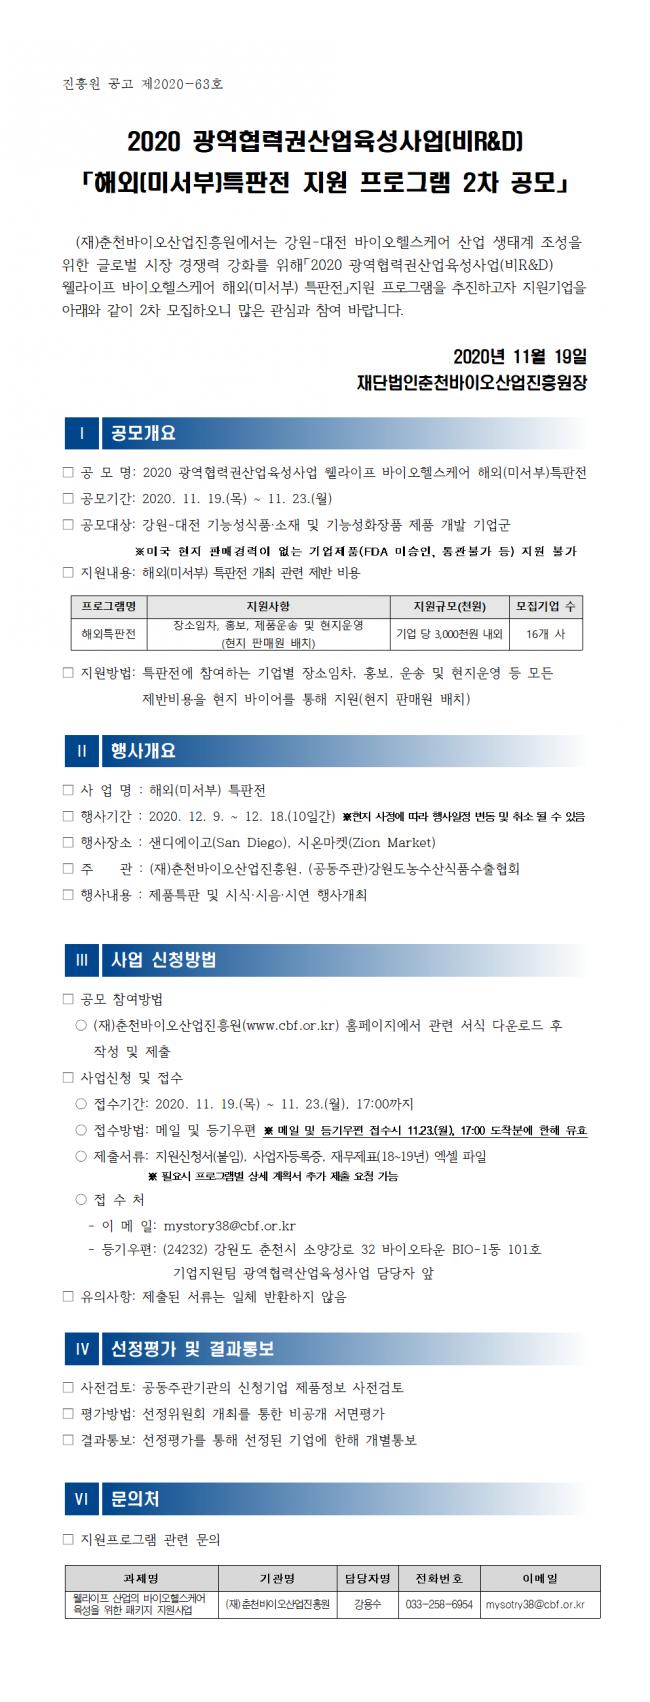 2020 광역협력권산업육성사업 해외특판전 지원 프로그램 2차 공모_공고문(안)001.png